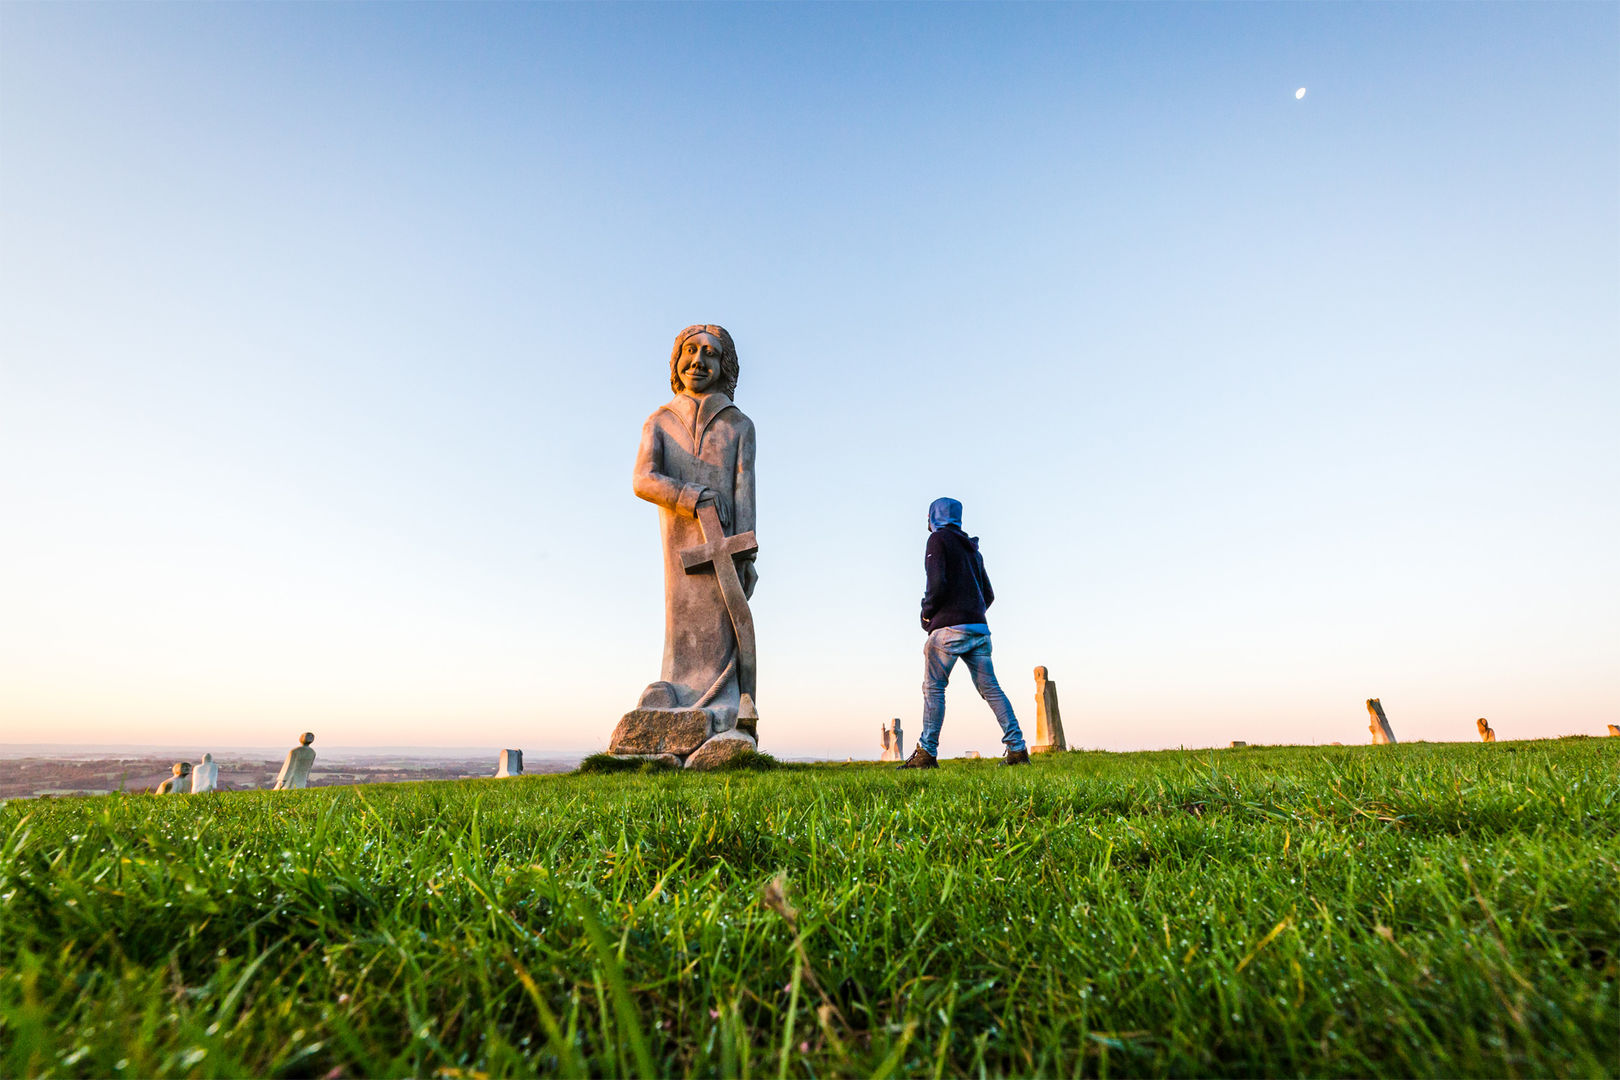 Carnoet_2020-09_statue-vallee-des-saints_Oeil-de-paco